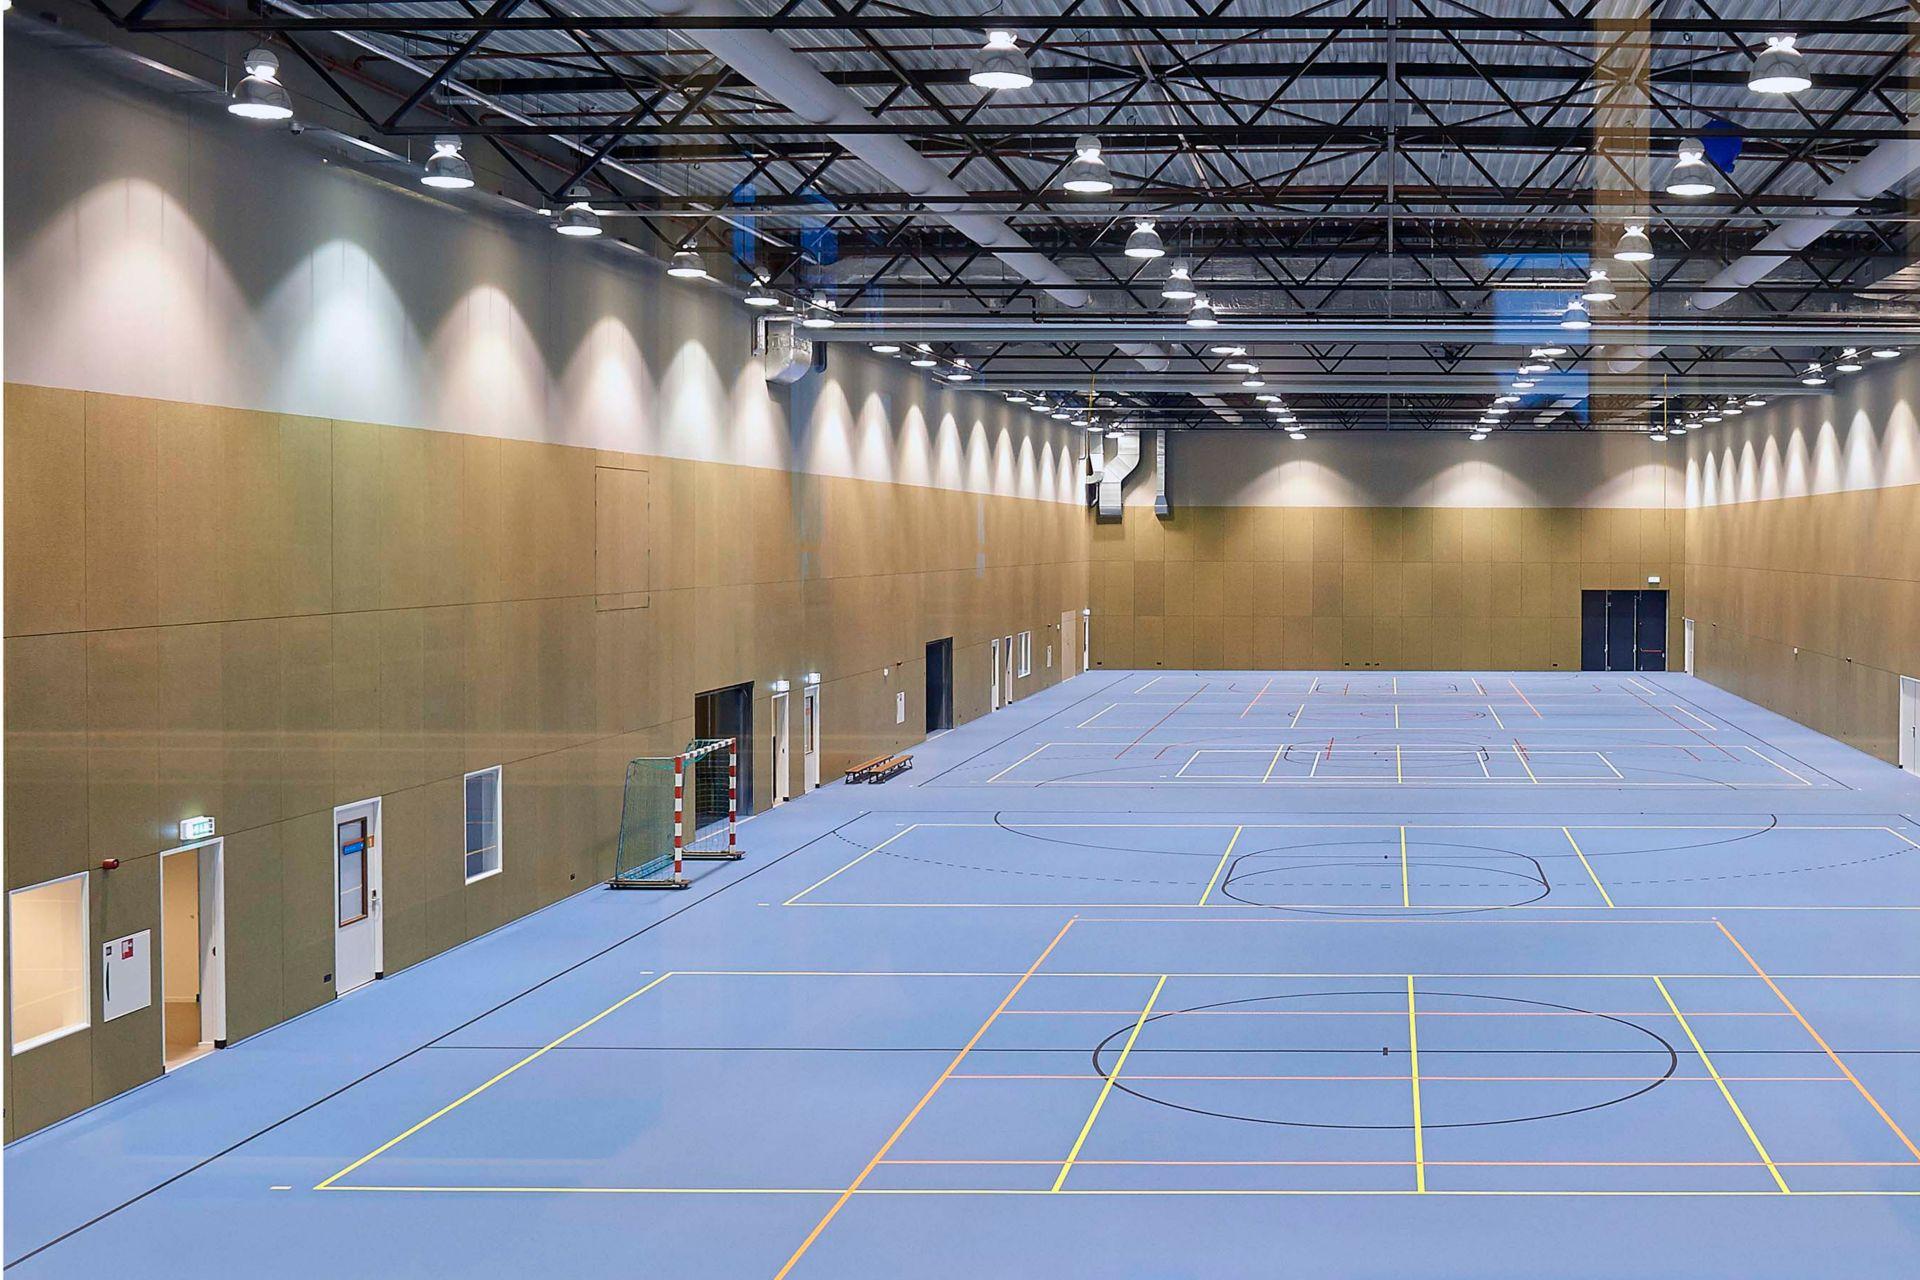 Sportvloer bij Papendal in Arnhem